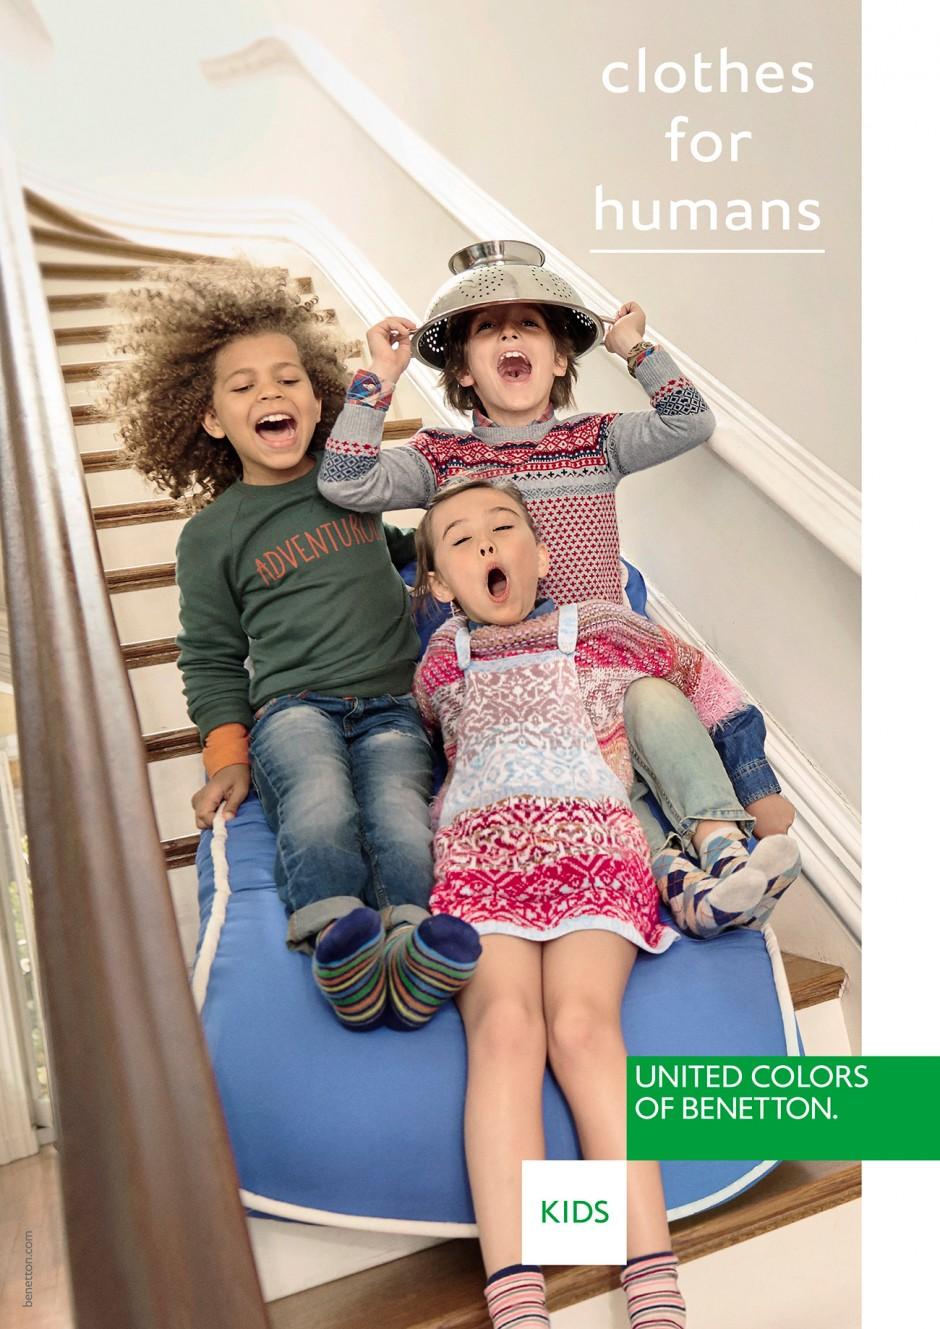 Die Agentur 180 Amsterdam entwickelte den neuen Benetton-Markenauftritt mit dem Claim »Clothes for Humans«. Die Kindermode-Fotos schoss Stefano Azario